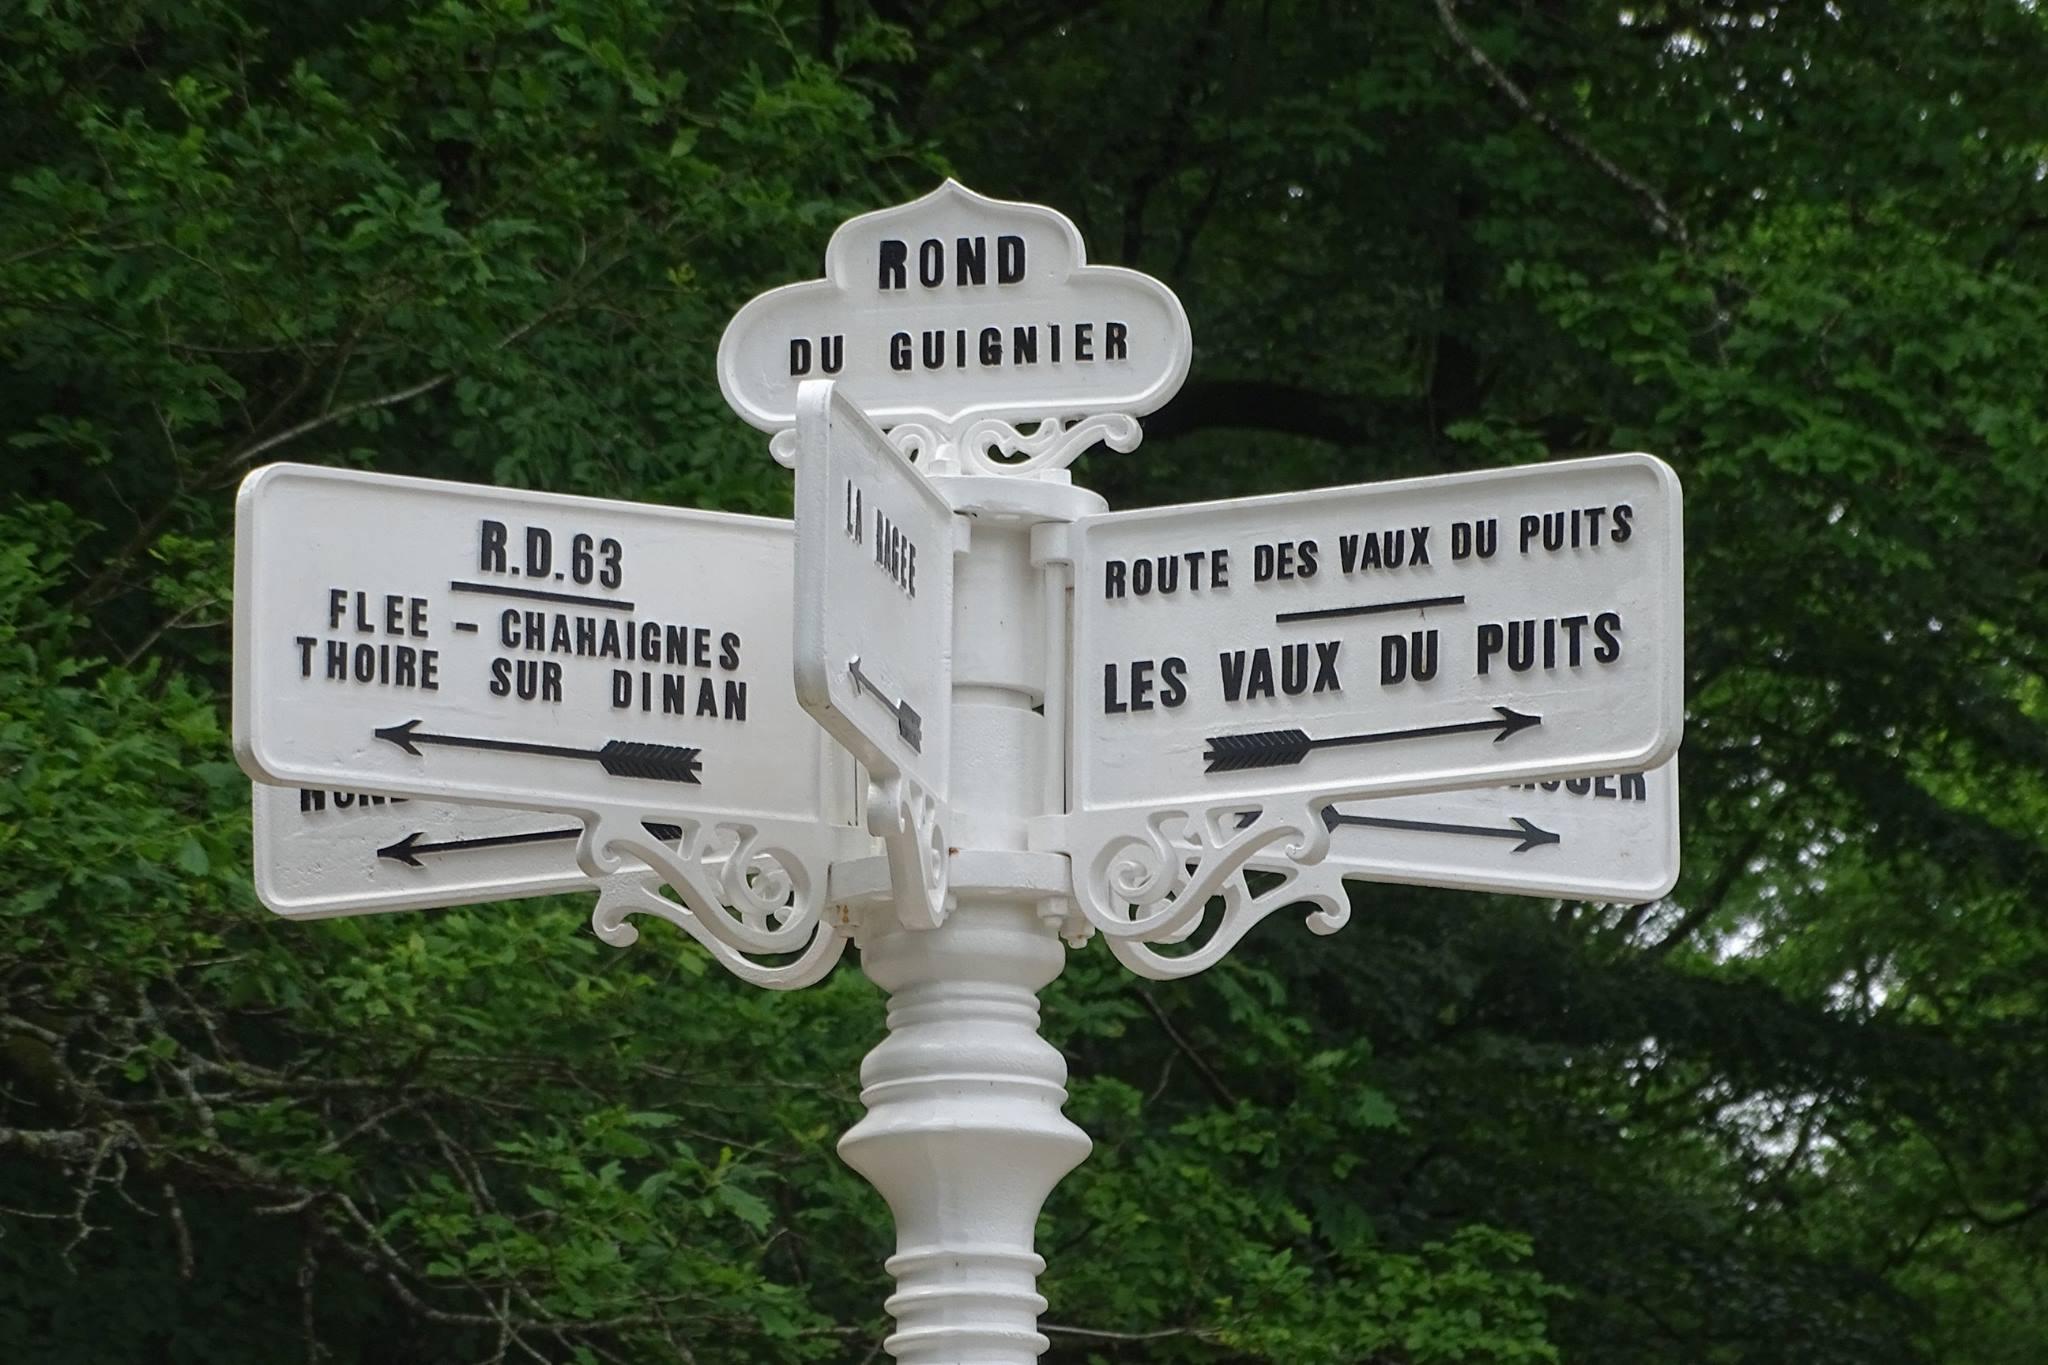 Forêt de Bercé - Plaque de cocher - Rond du Guignier - Flée - Chahaignes - Thoiré sur Dinan - Les Vaux du Puits (Marie-Yvonne Mersanne)